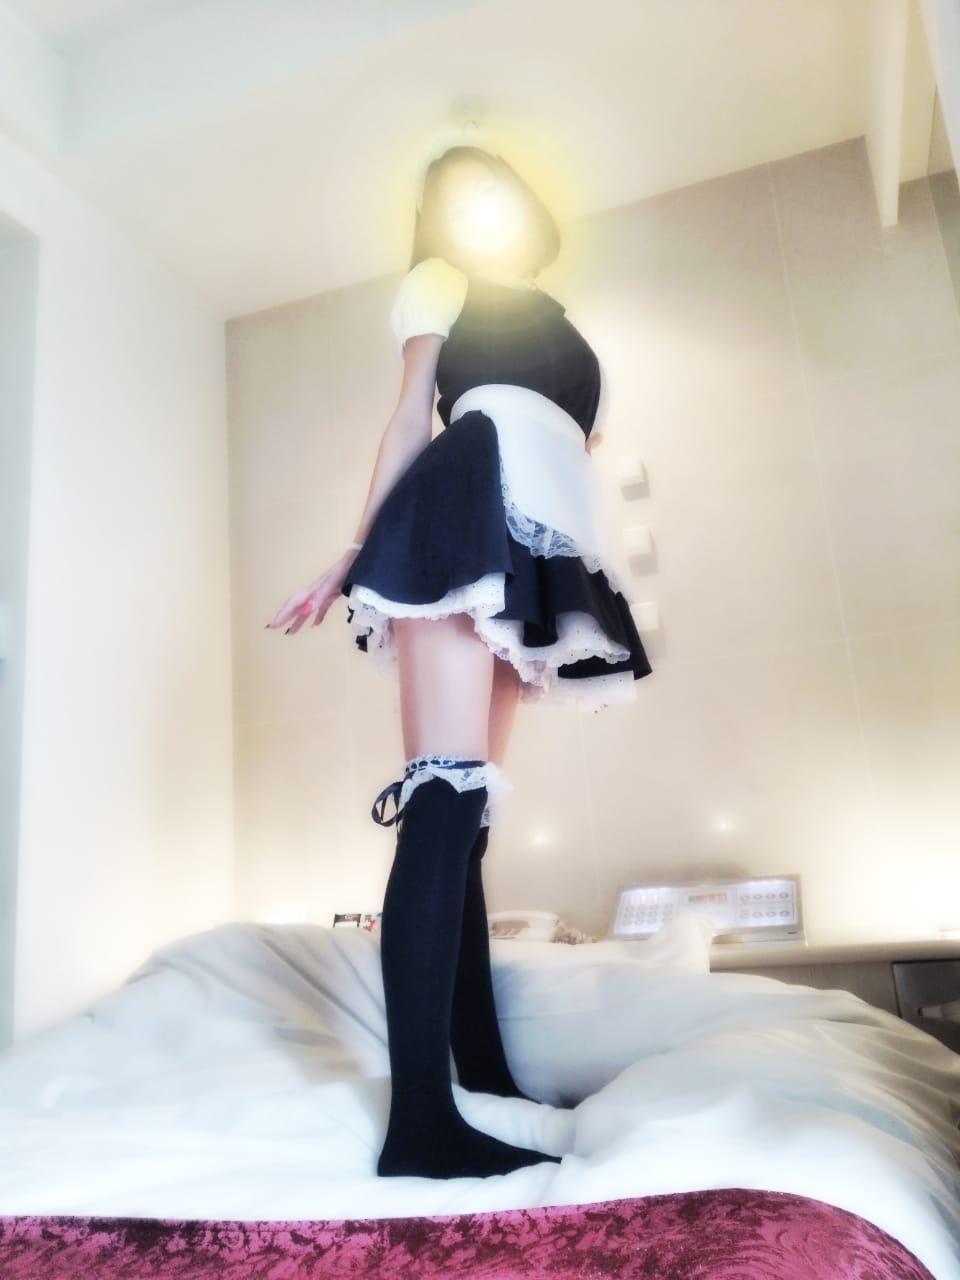 「?」10/03(火) 09:44   藤岡の写メ・風俗動画